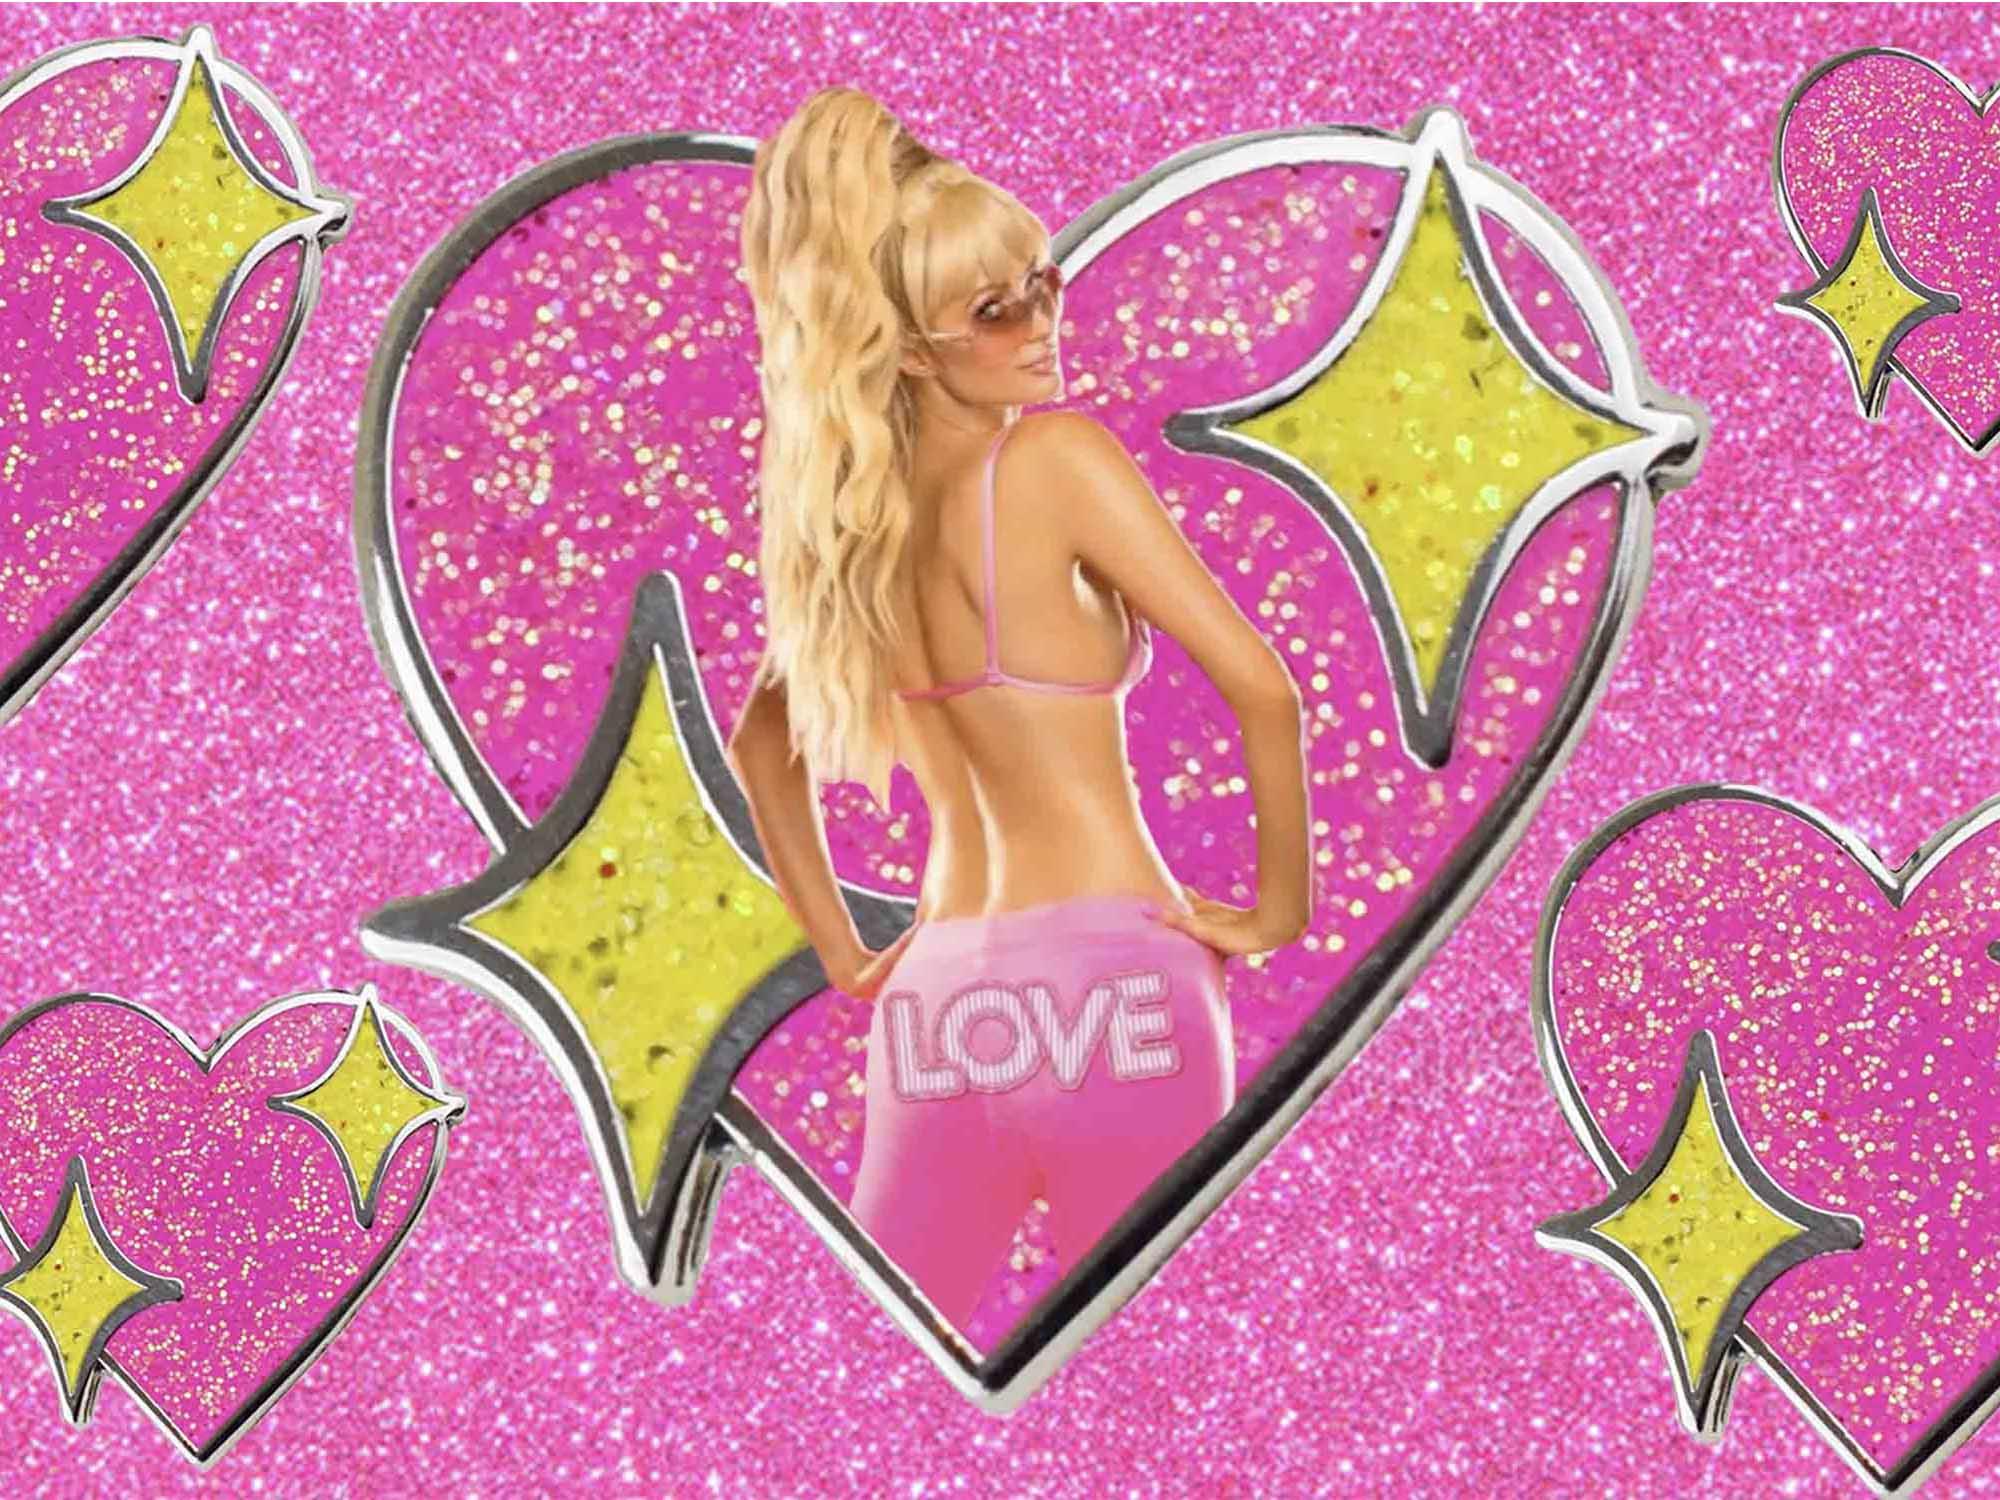 How Paris Hilton got hot again